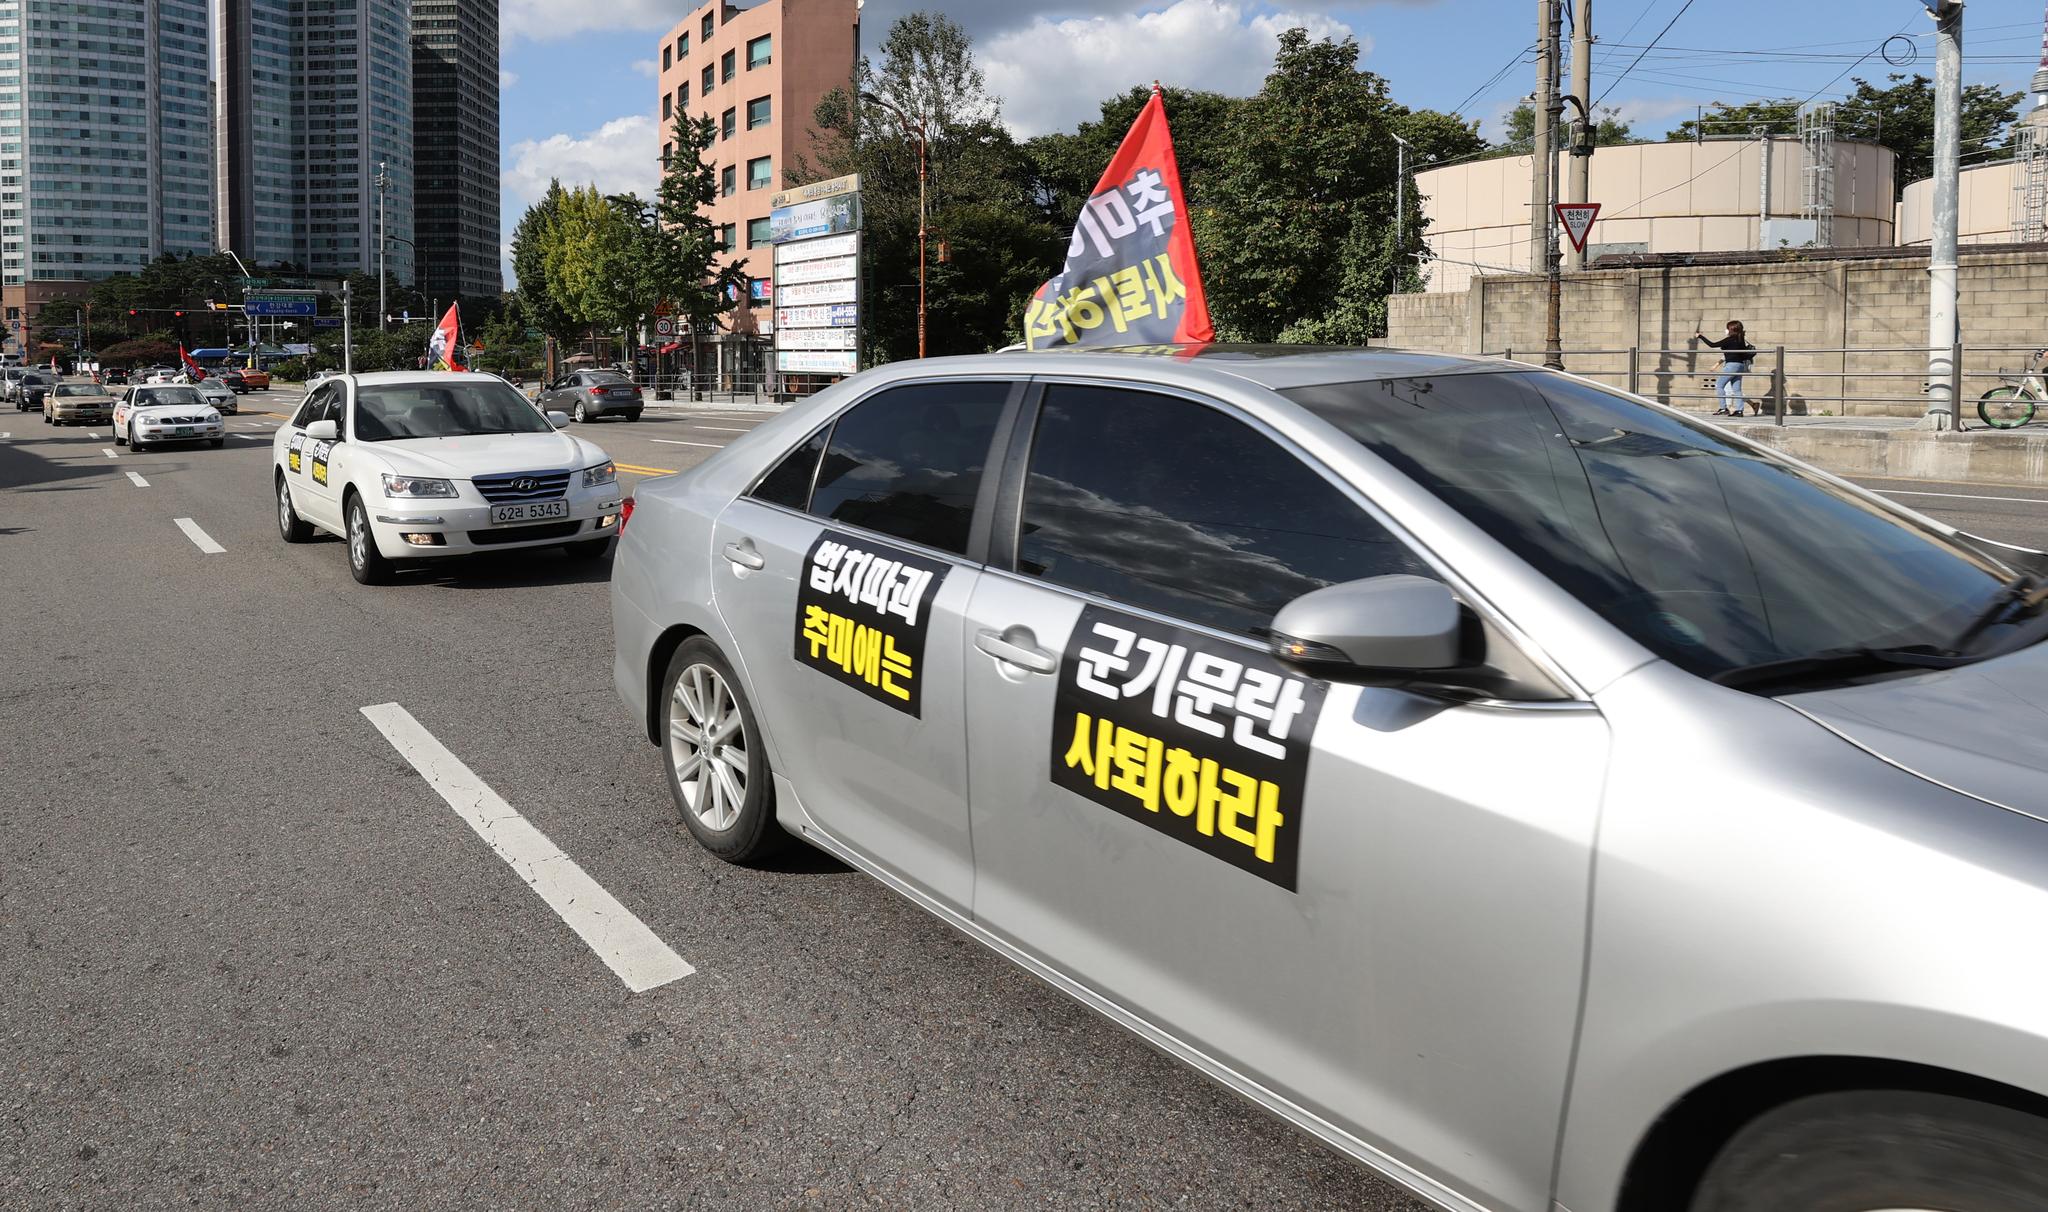 개천절 차량 집회를 예고한 보수단체 새로운 한국을 위한 국민운동 회원들이 26일 오후 서울 시내 거리에서 추미애 법무부 장관 사퇴를 촉구하고 정부의 '반미친중' 정책을 규탄하는 카퍼레이드를 벌이고 있다. 연합뉴스